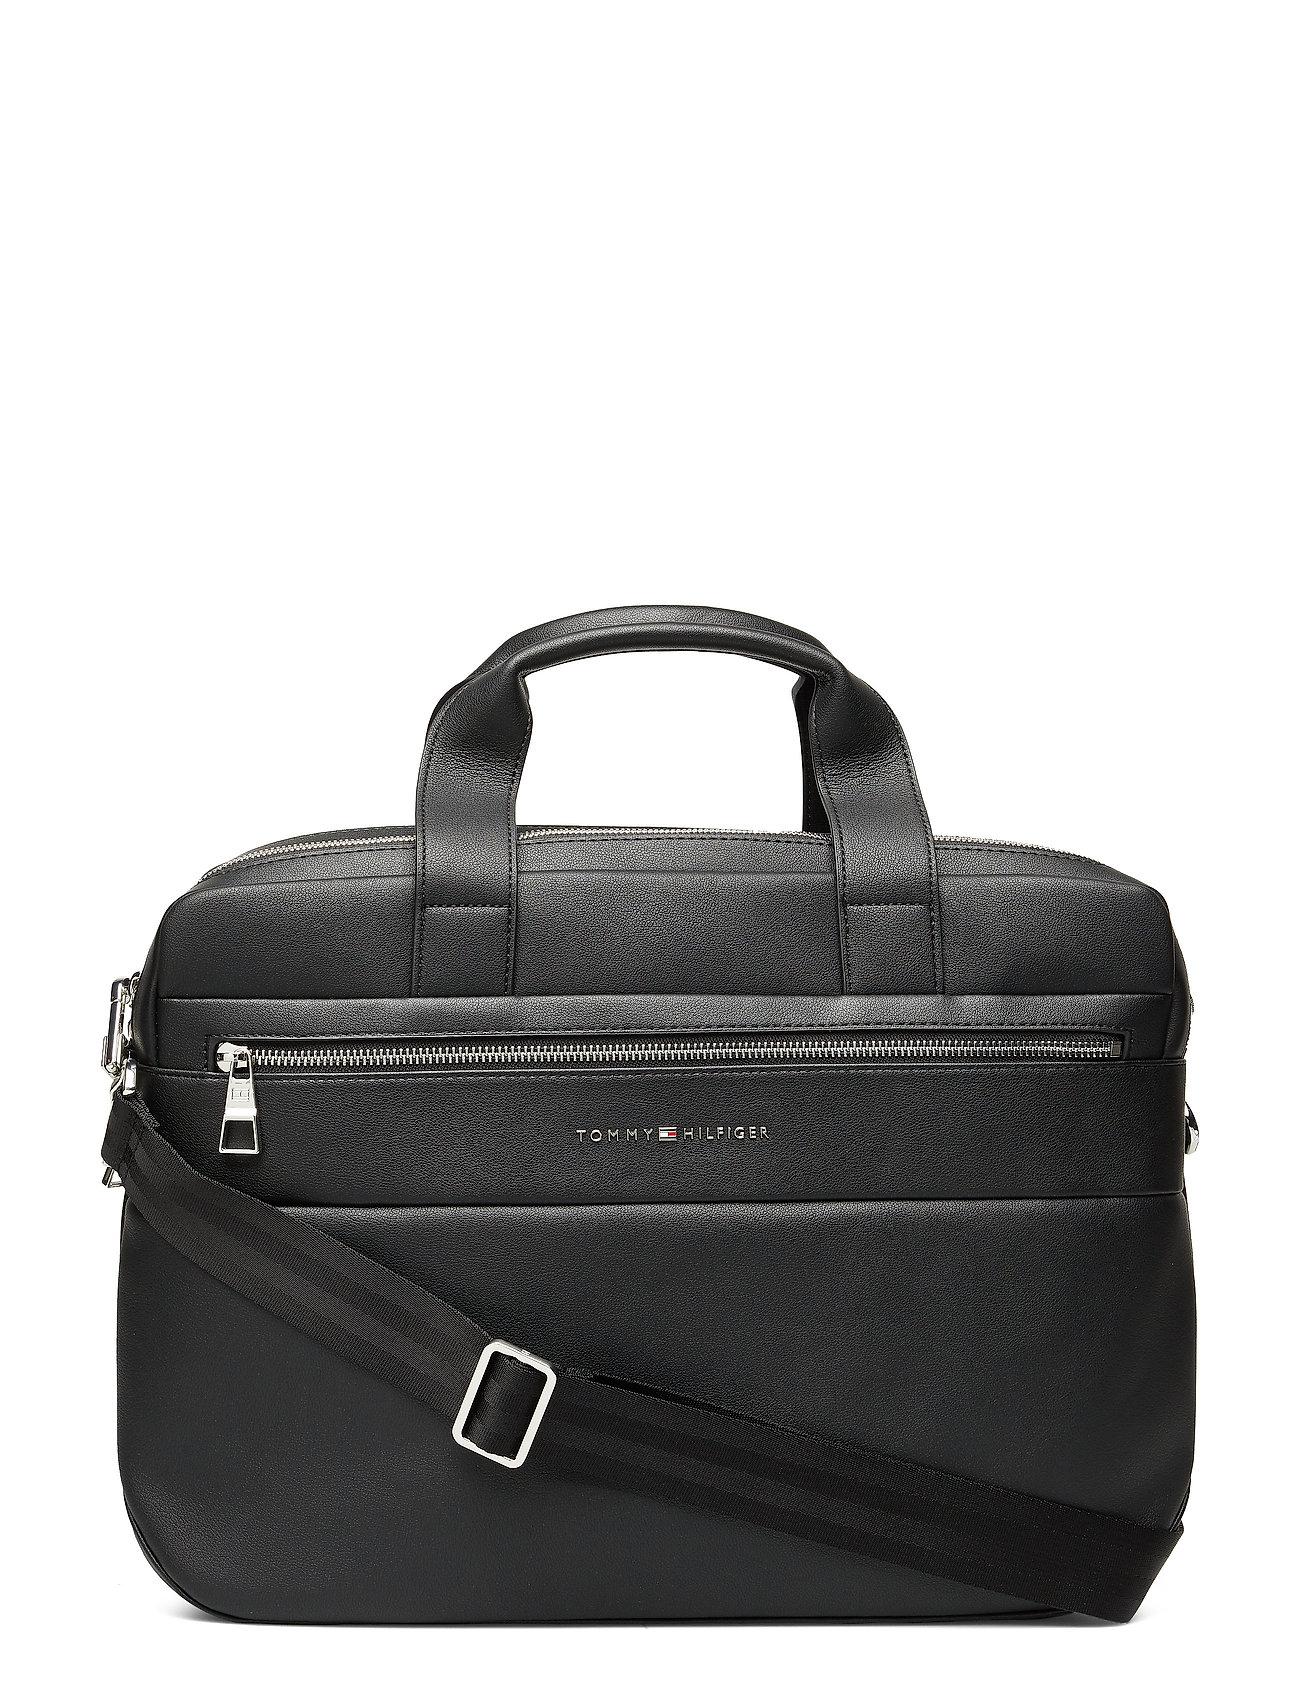 TOMMY HILFIGER Novelty Mix Workbag Laptop-Tasche Tasche Schwarz TOMMY HILFIGER